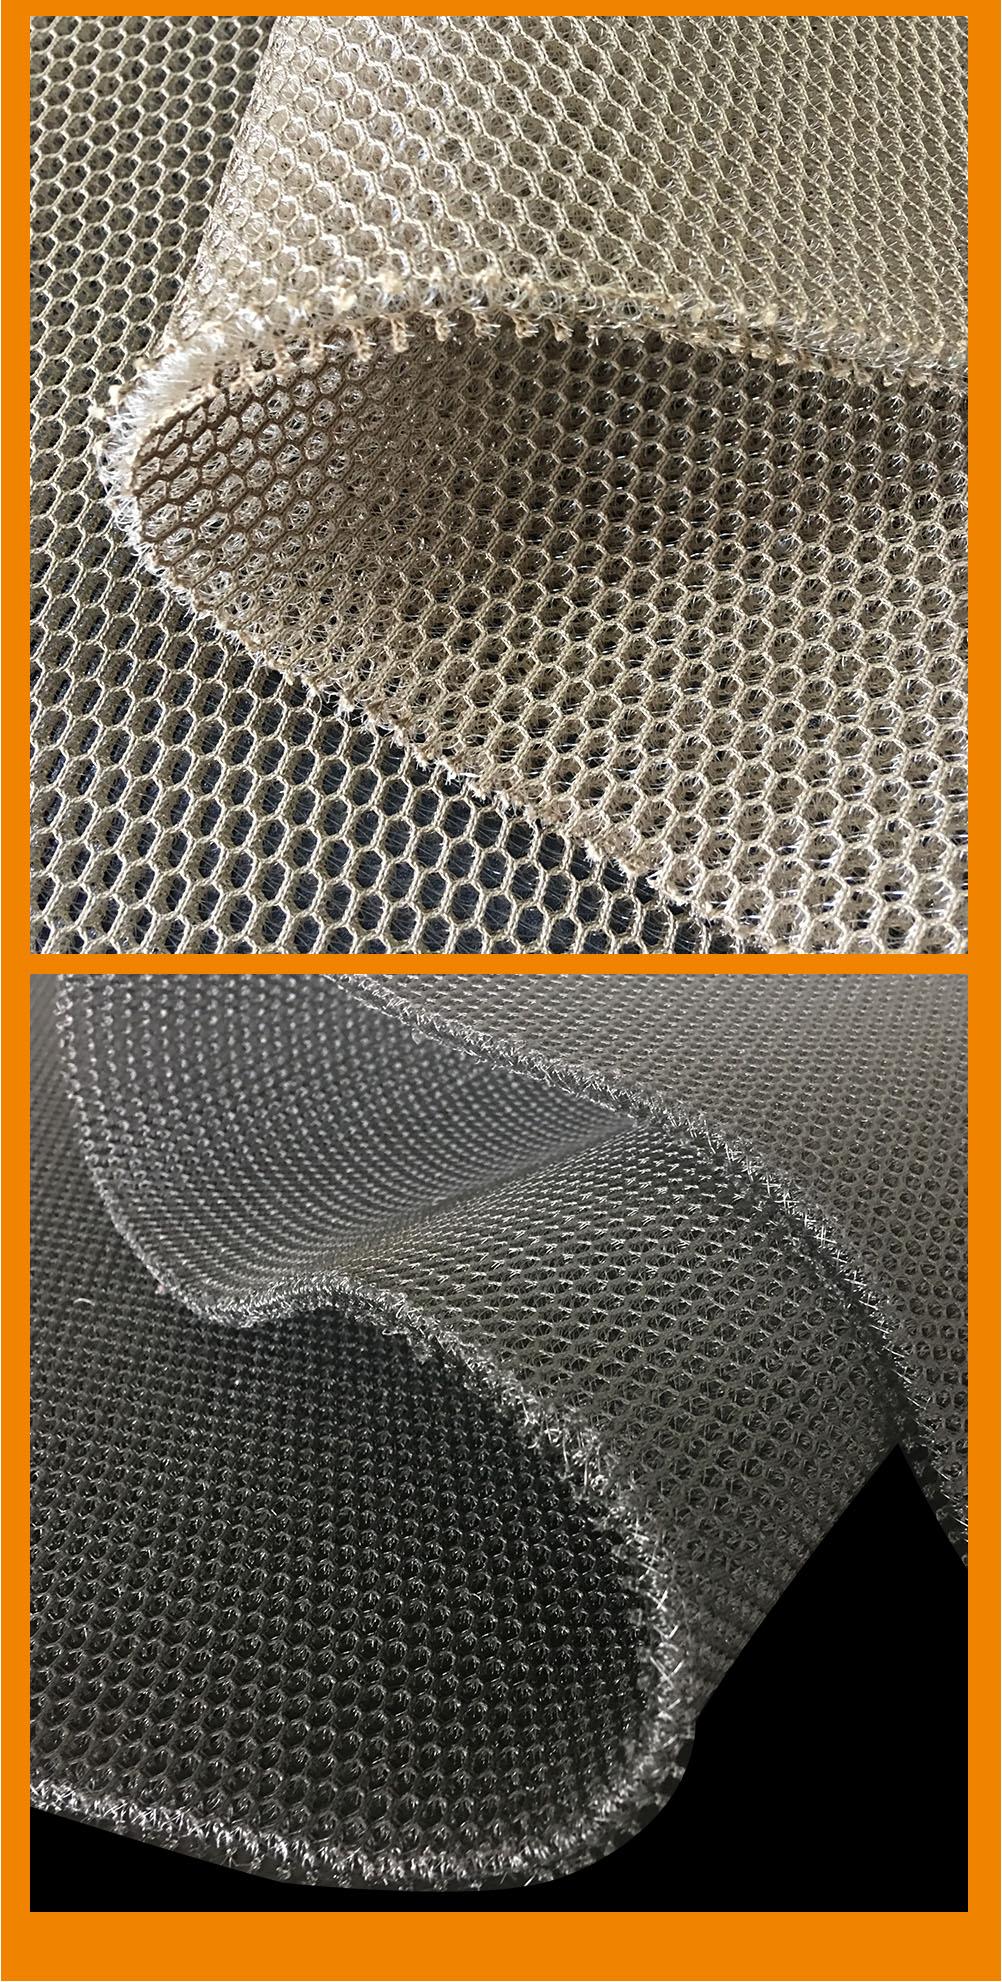 Warp knit polyester sandwich 3d air mesh fabric for chair cushion